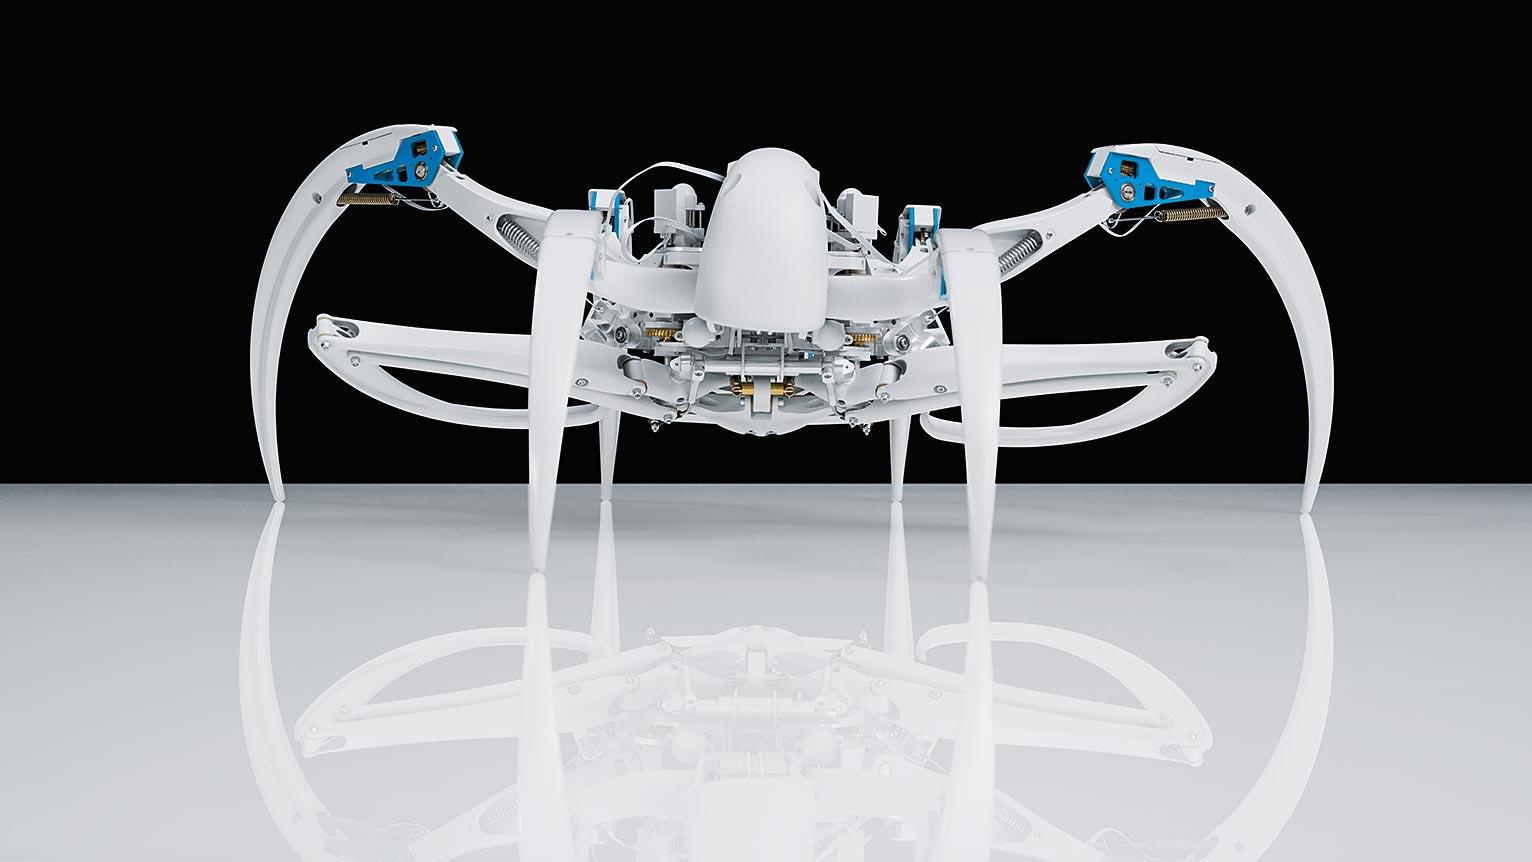 00428 bionicwheelbot film 1532x862px - تماشا کنید: ساخت رباتی با الهام از عنکبوت به نام BionicWheelBot